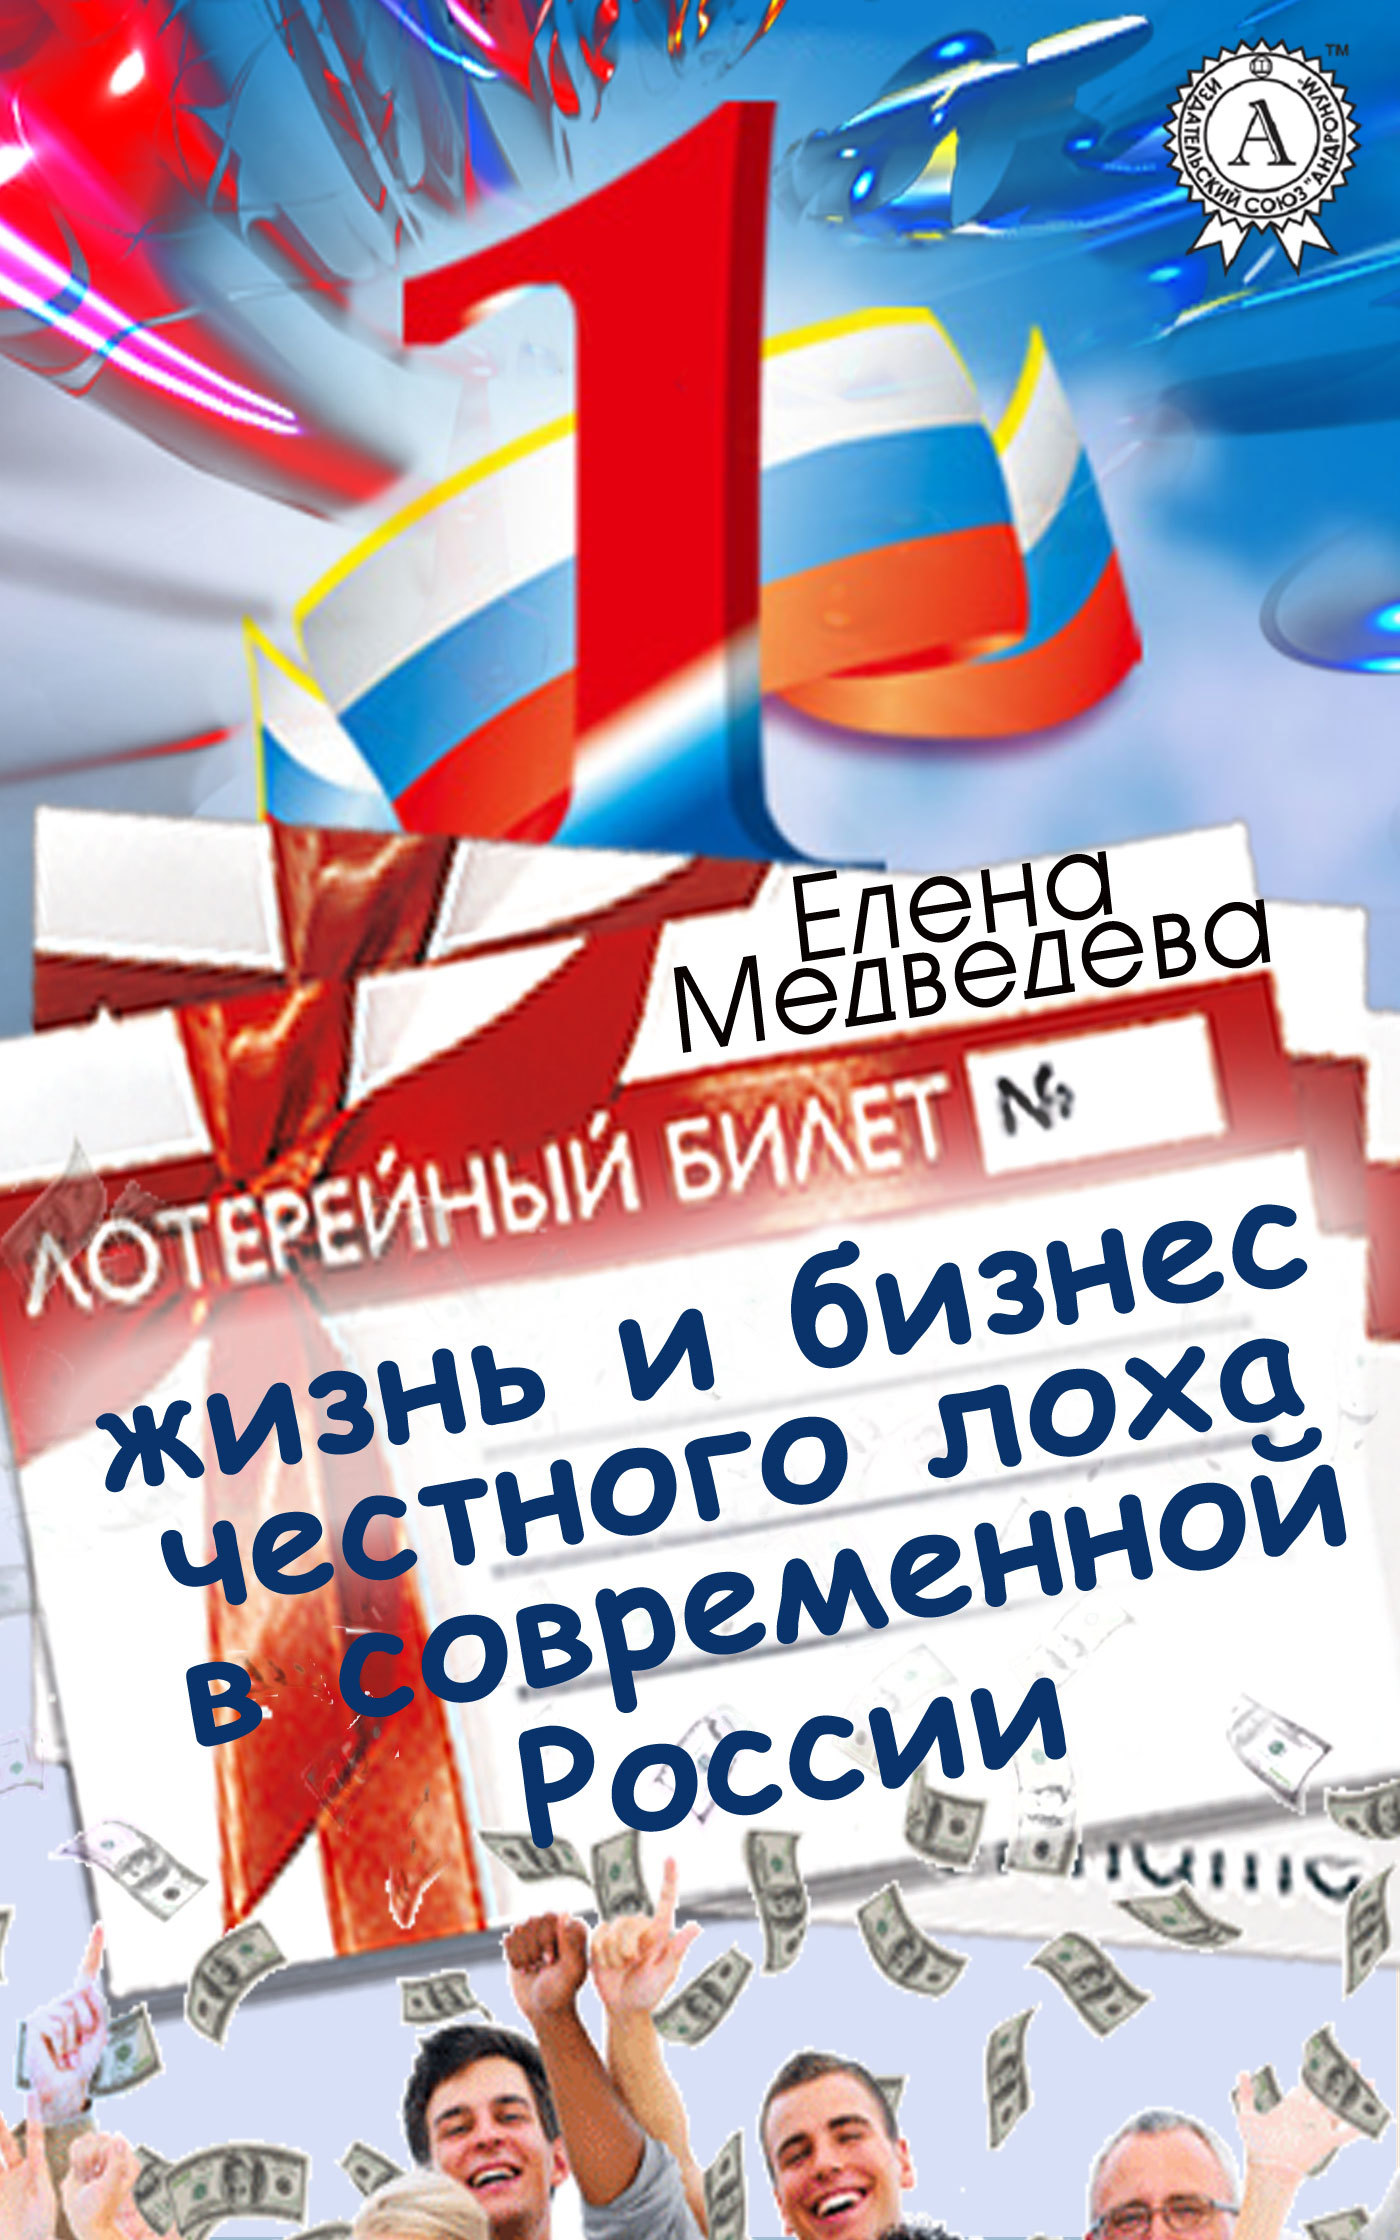 Жизнь и бизнес честного лоха в современной России